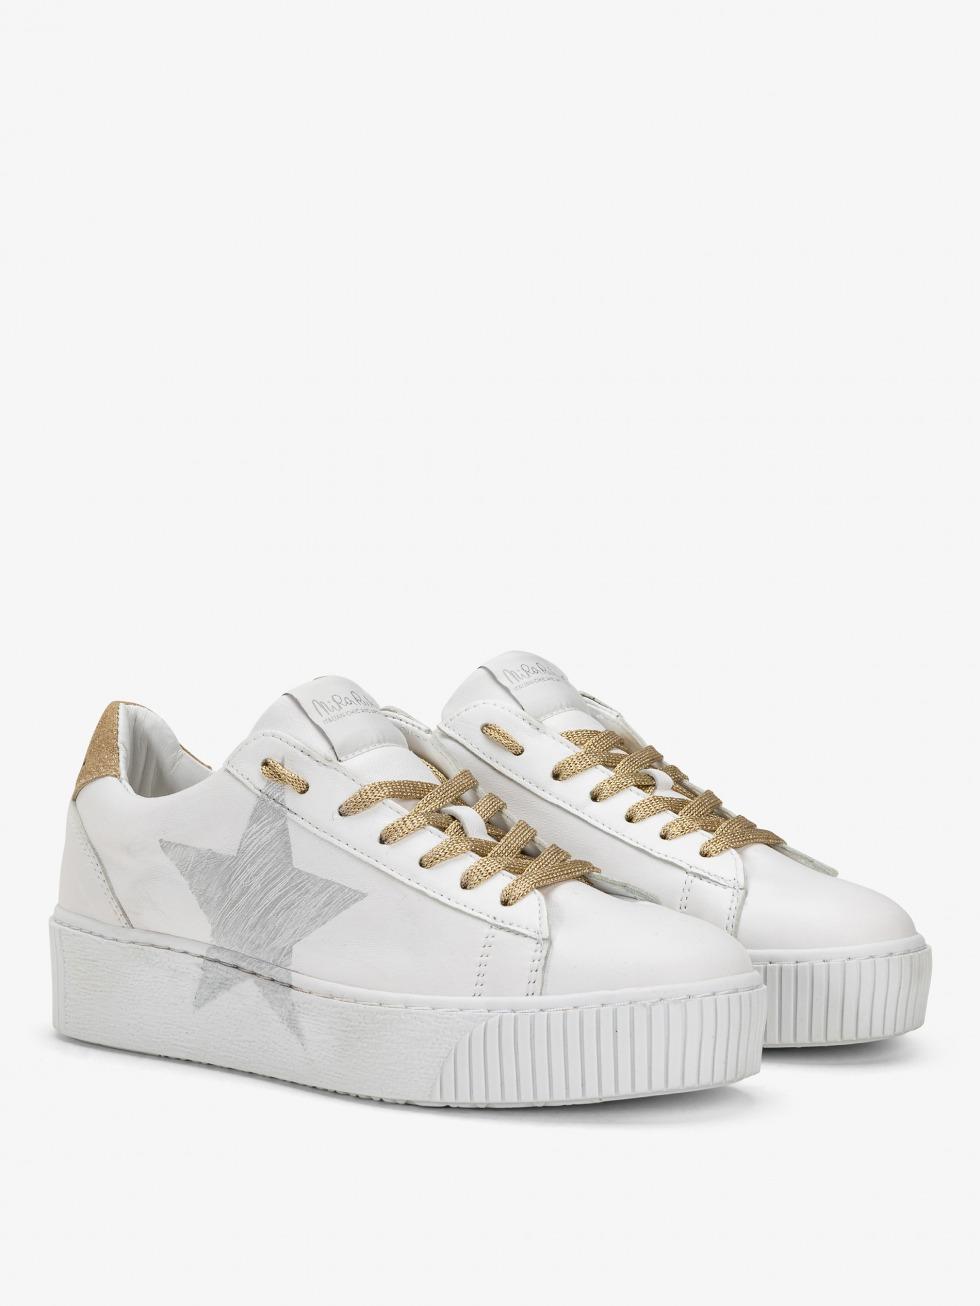 Cosmopolitan Sneakers - Luxury Gold Star